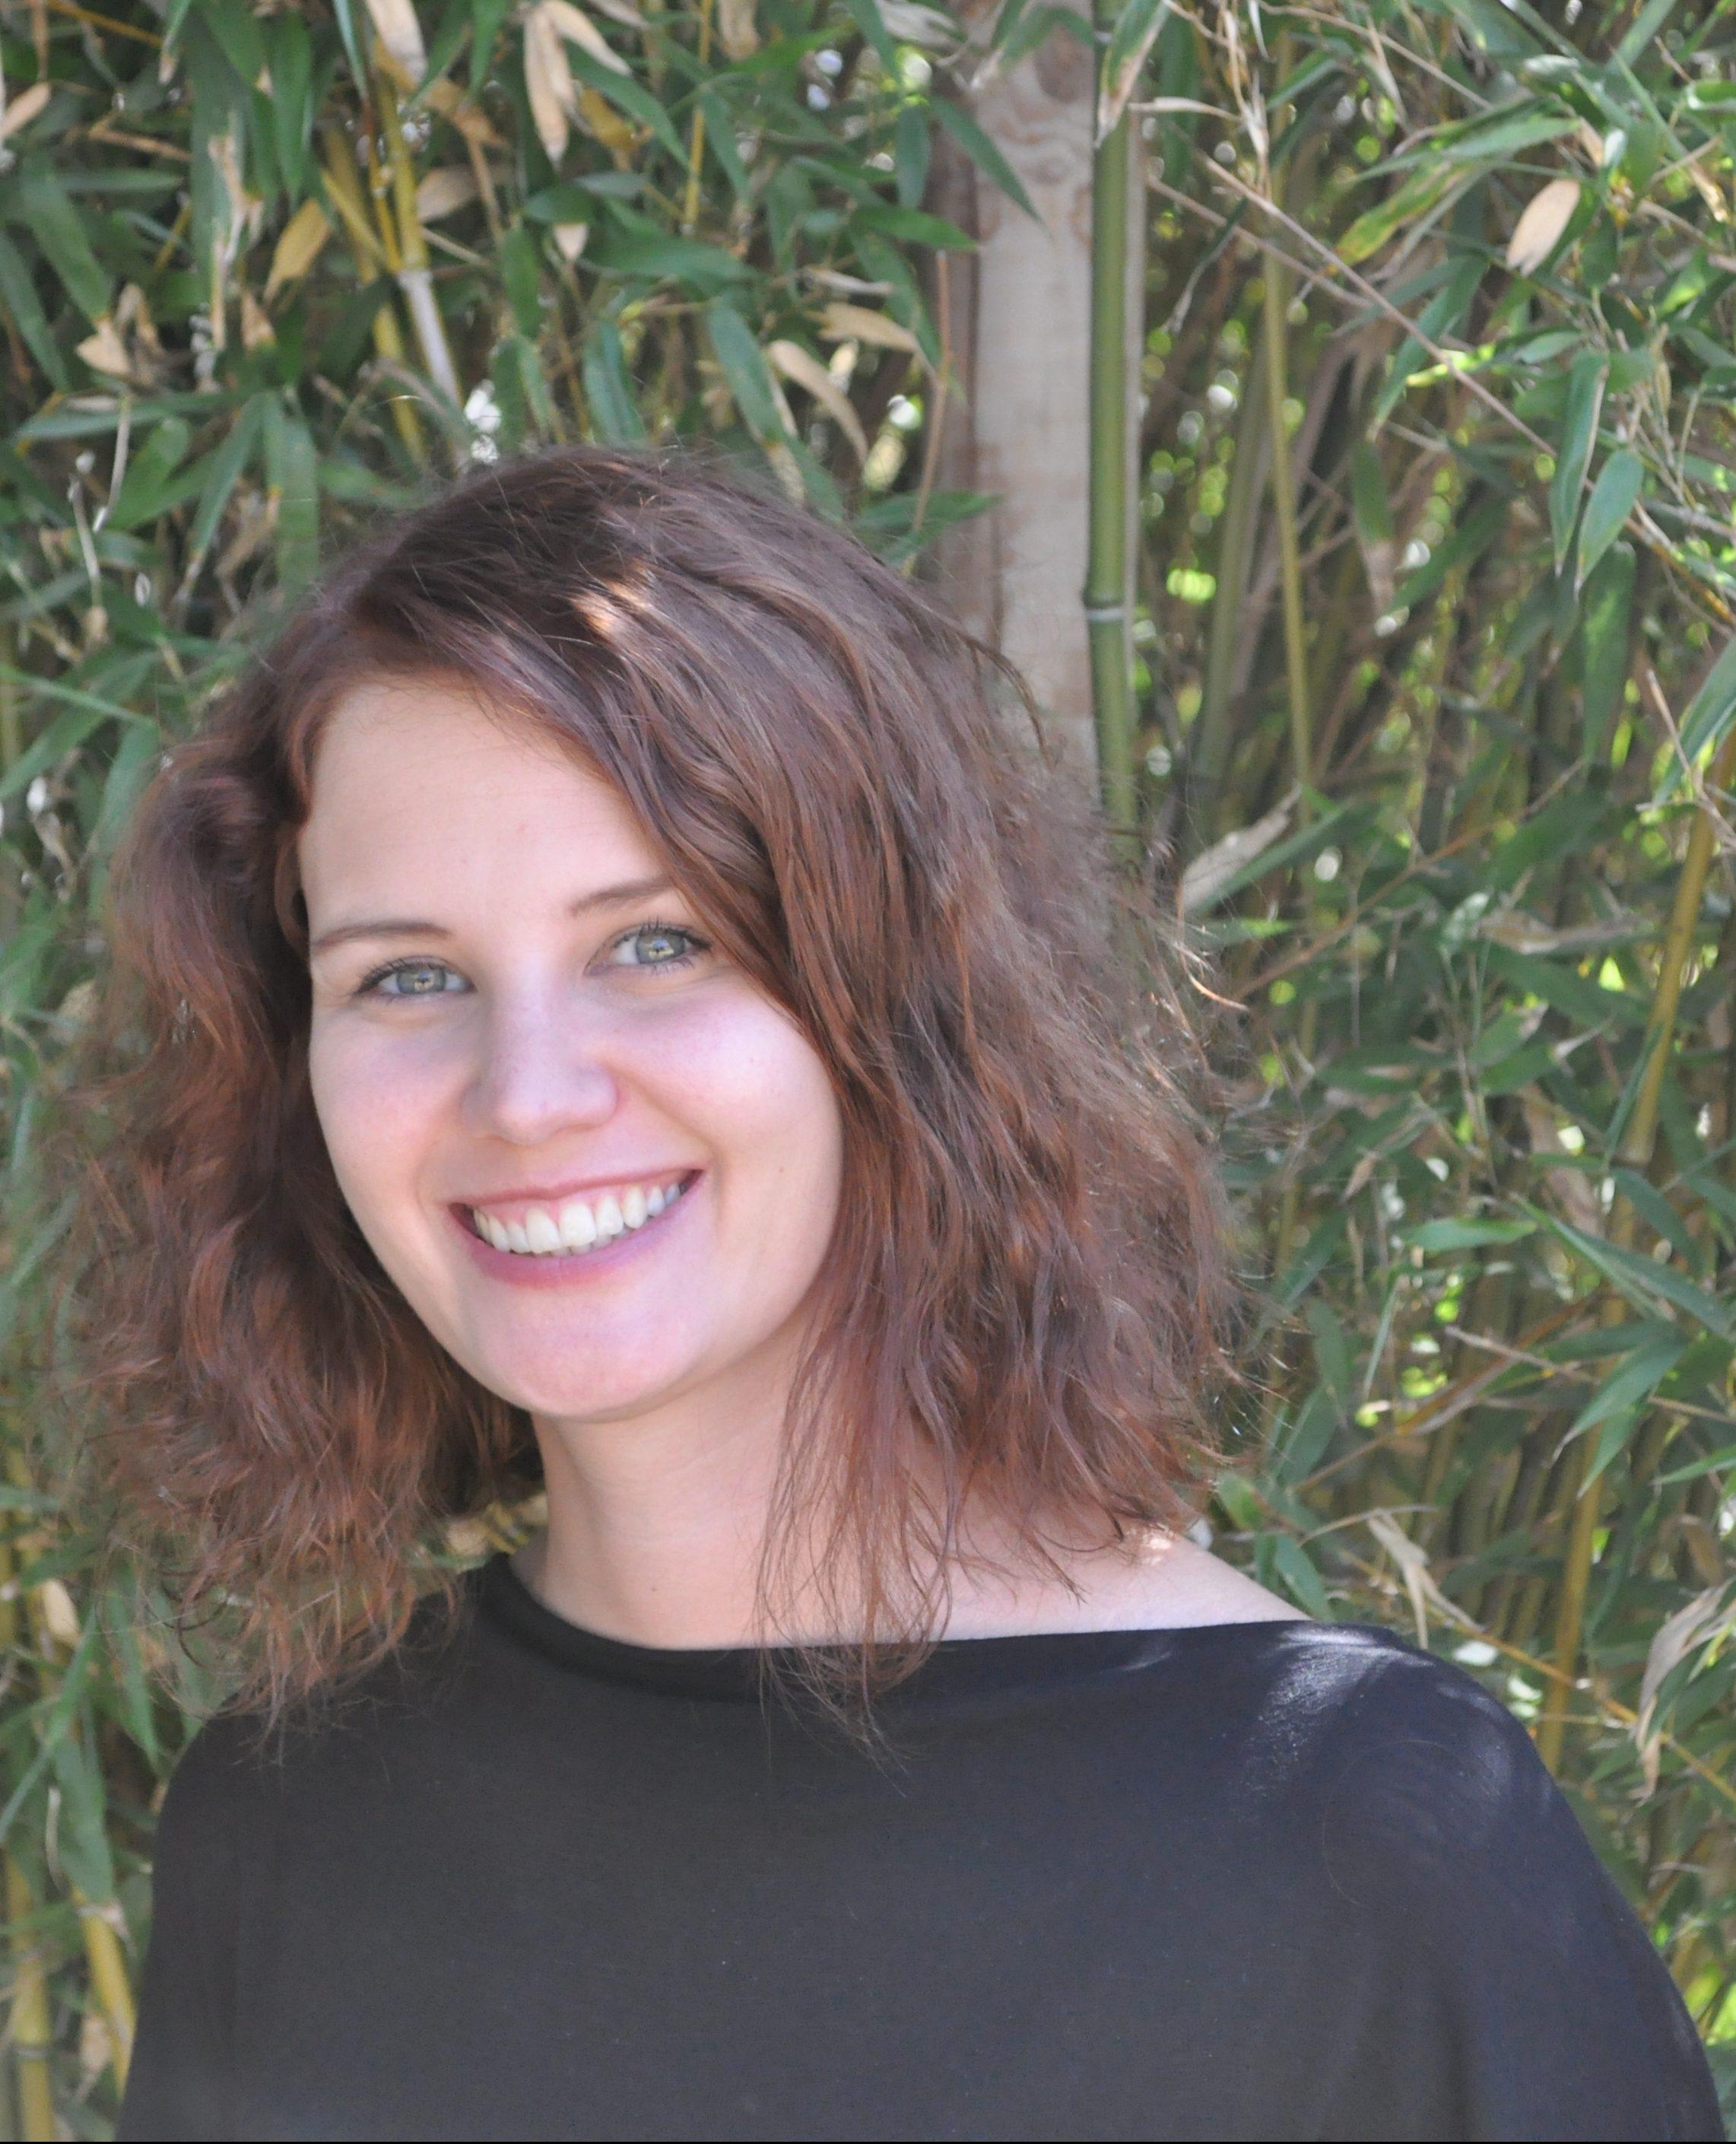 Raphaela Kogler